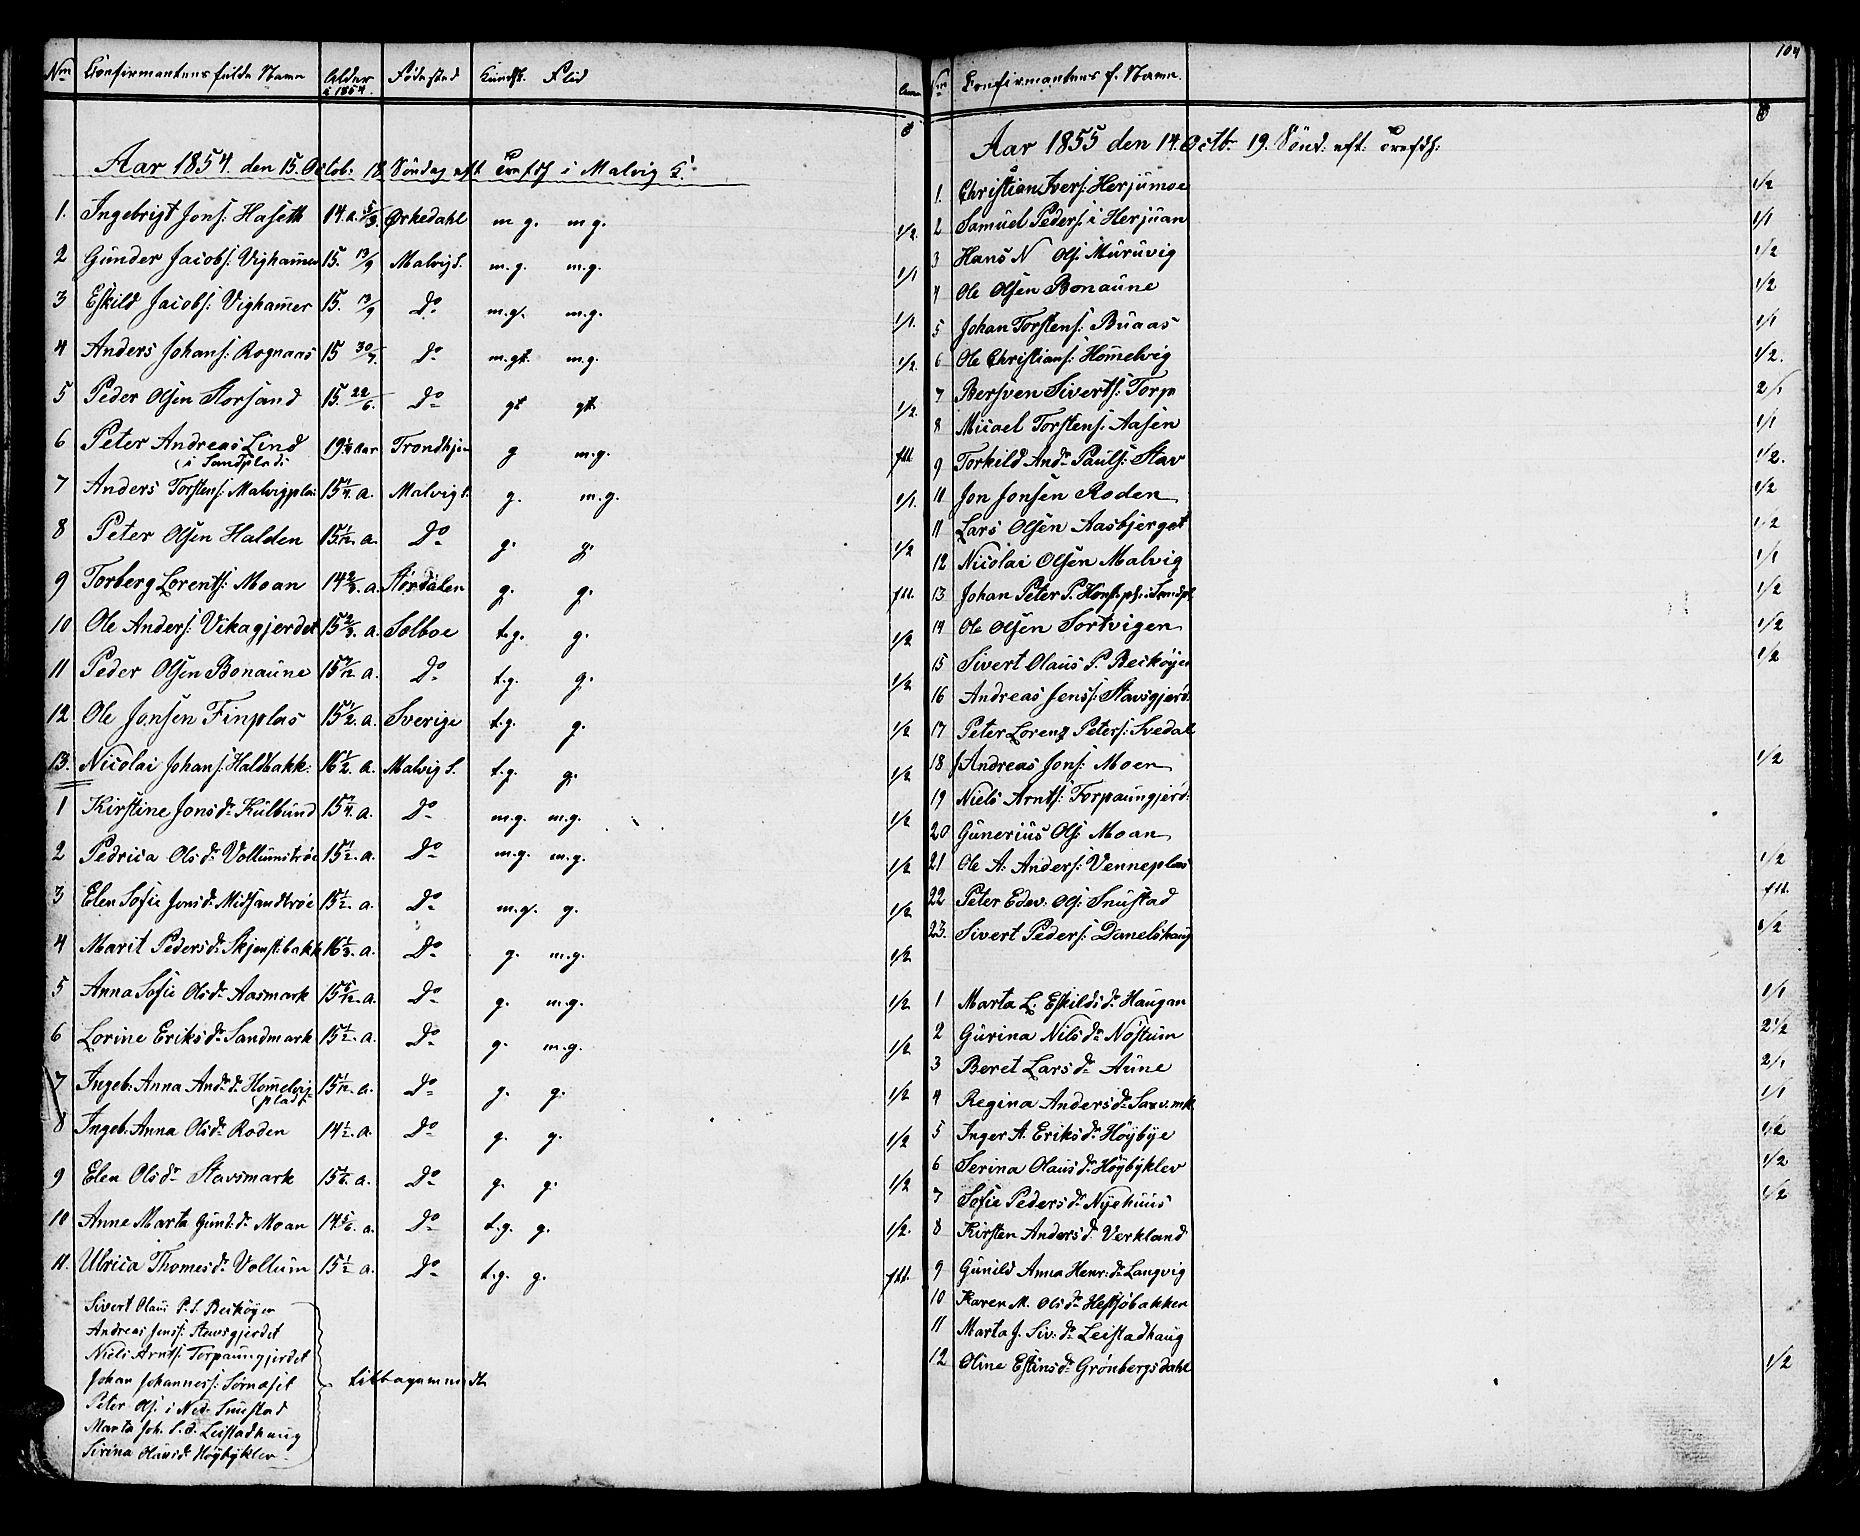 SAT, Ministerialprotokoller, klokkerbøker og fødselsregistre - Sør-Trøndelag, 616/L0422: Klokkerbok nr. 616C05, 1850-1888, s. 104